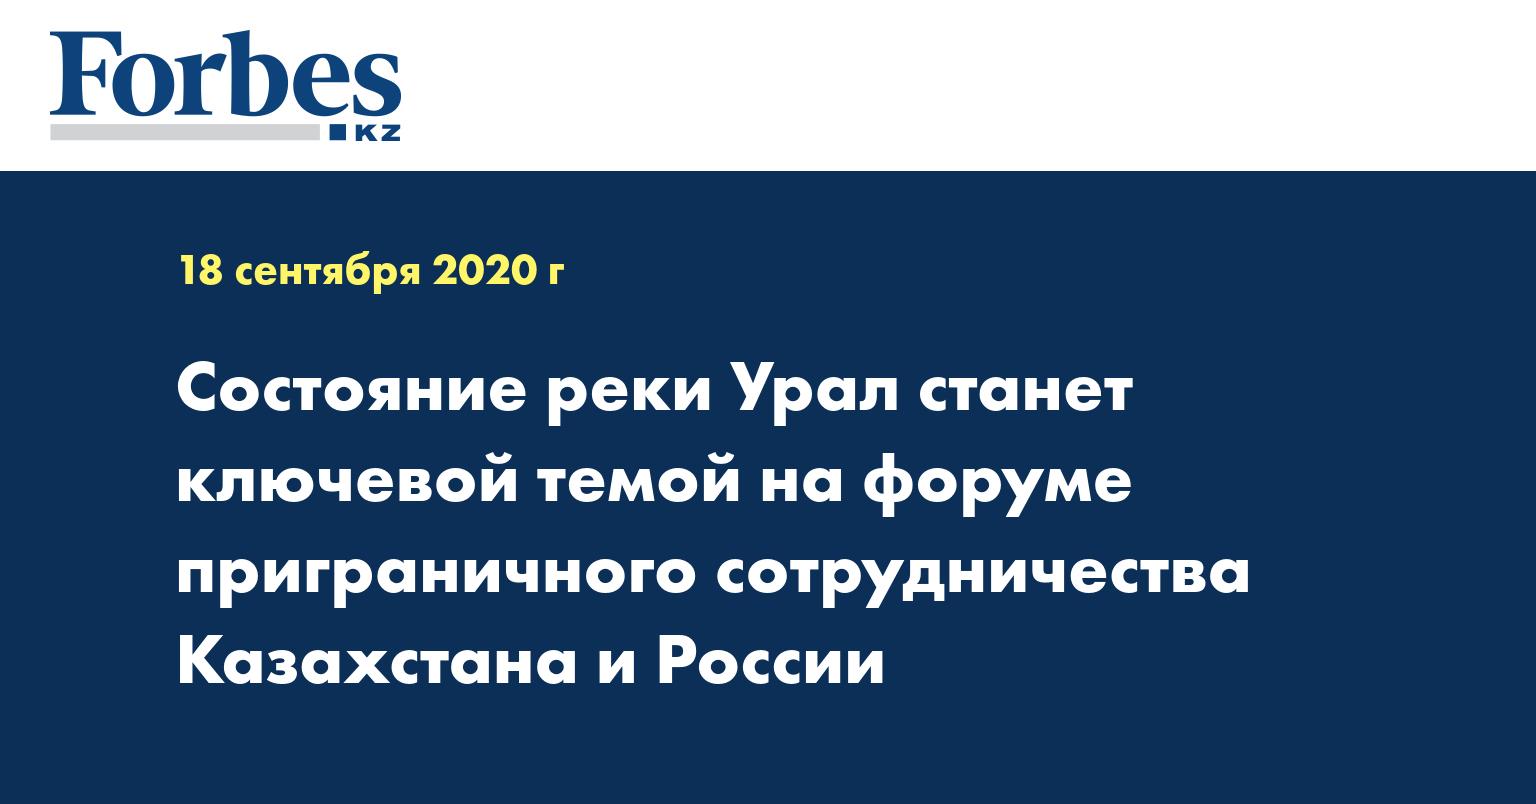 Состояние реки Урал станет ключевой темой на форуме приграничного сотрудничества Казахстана и России